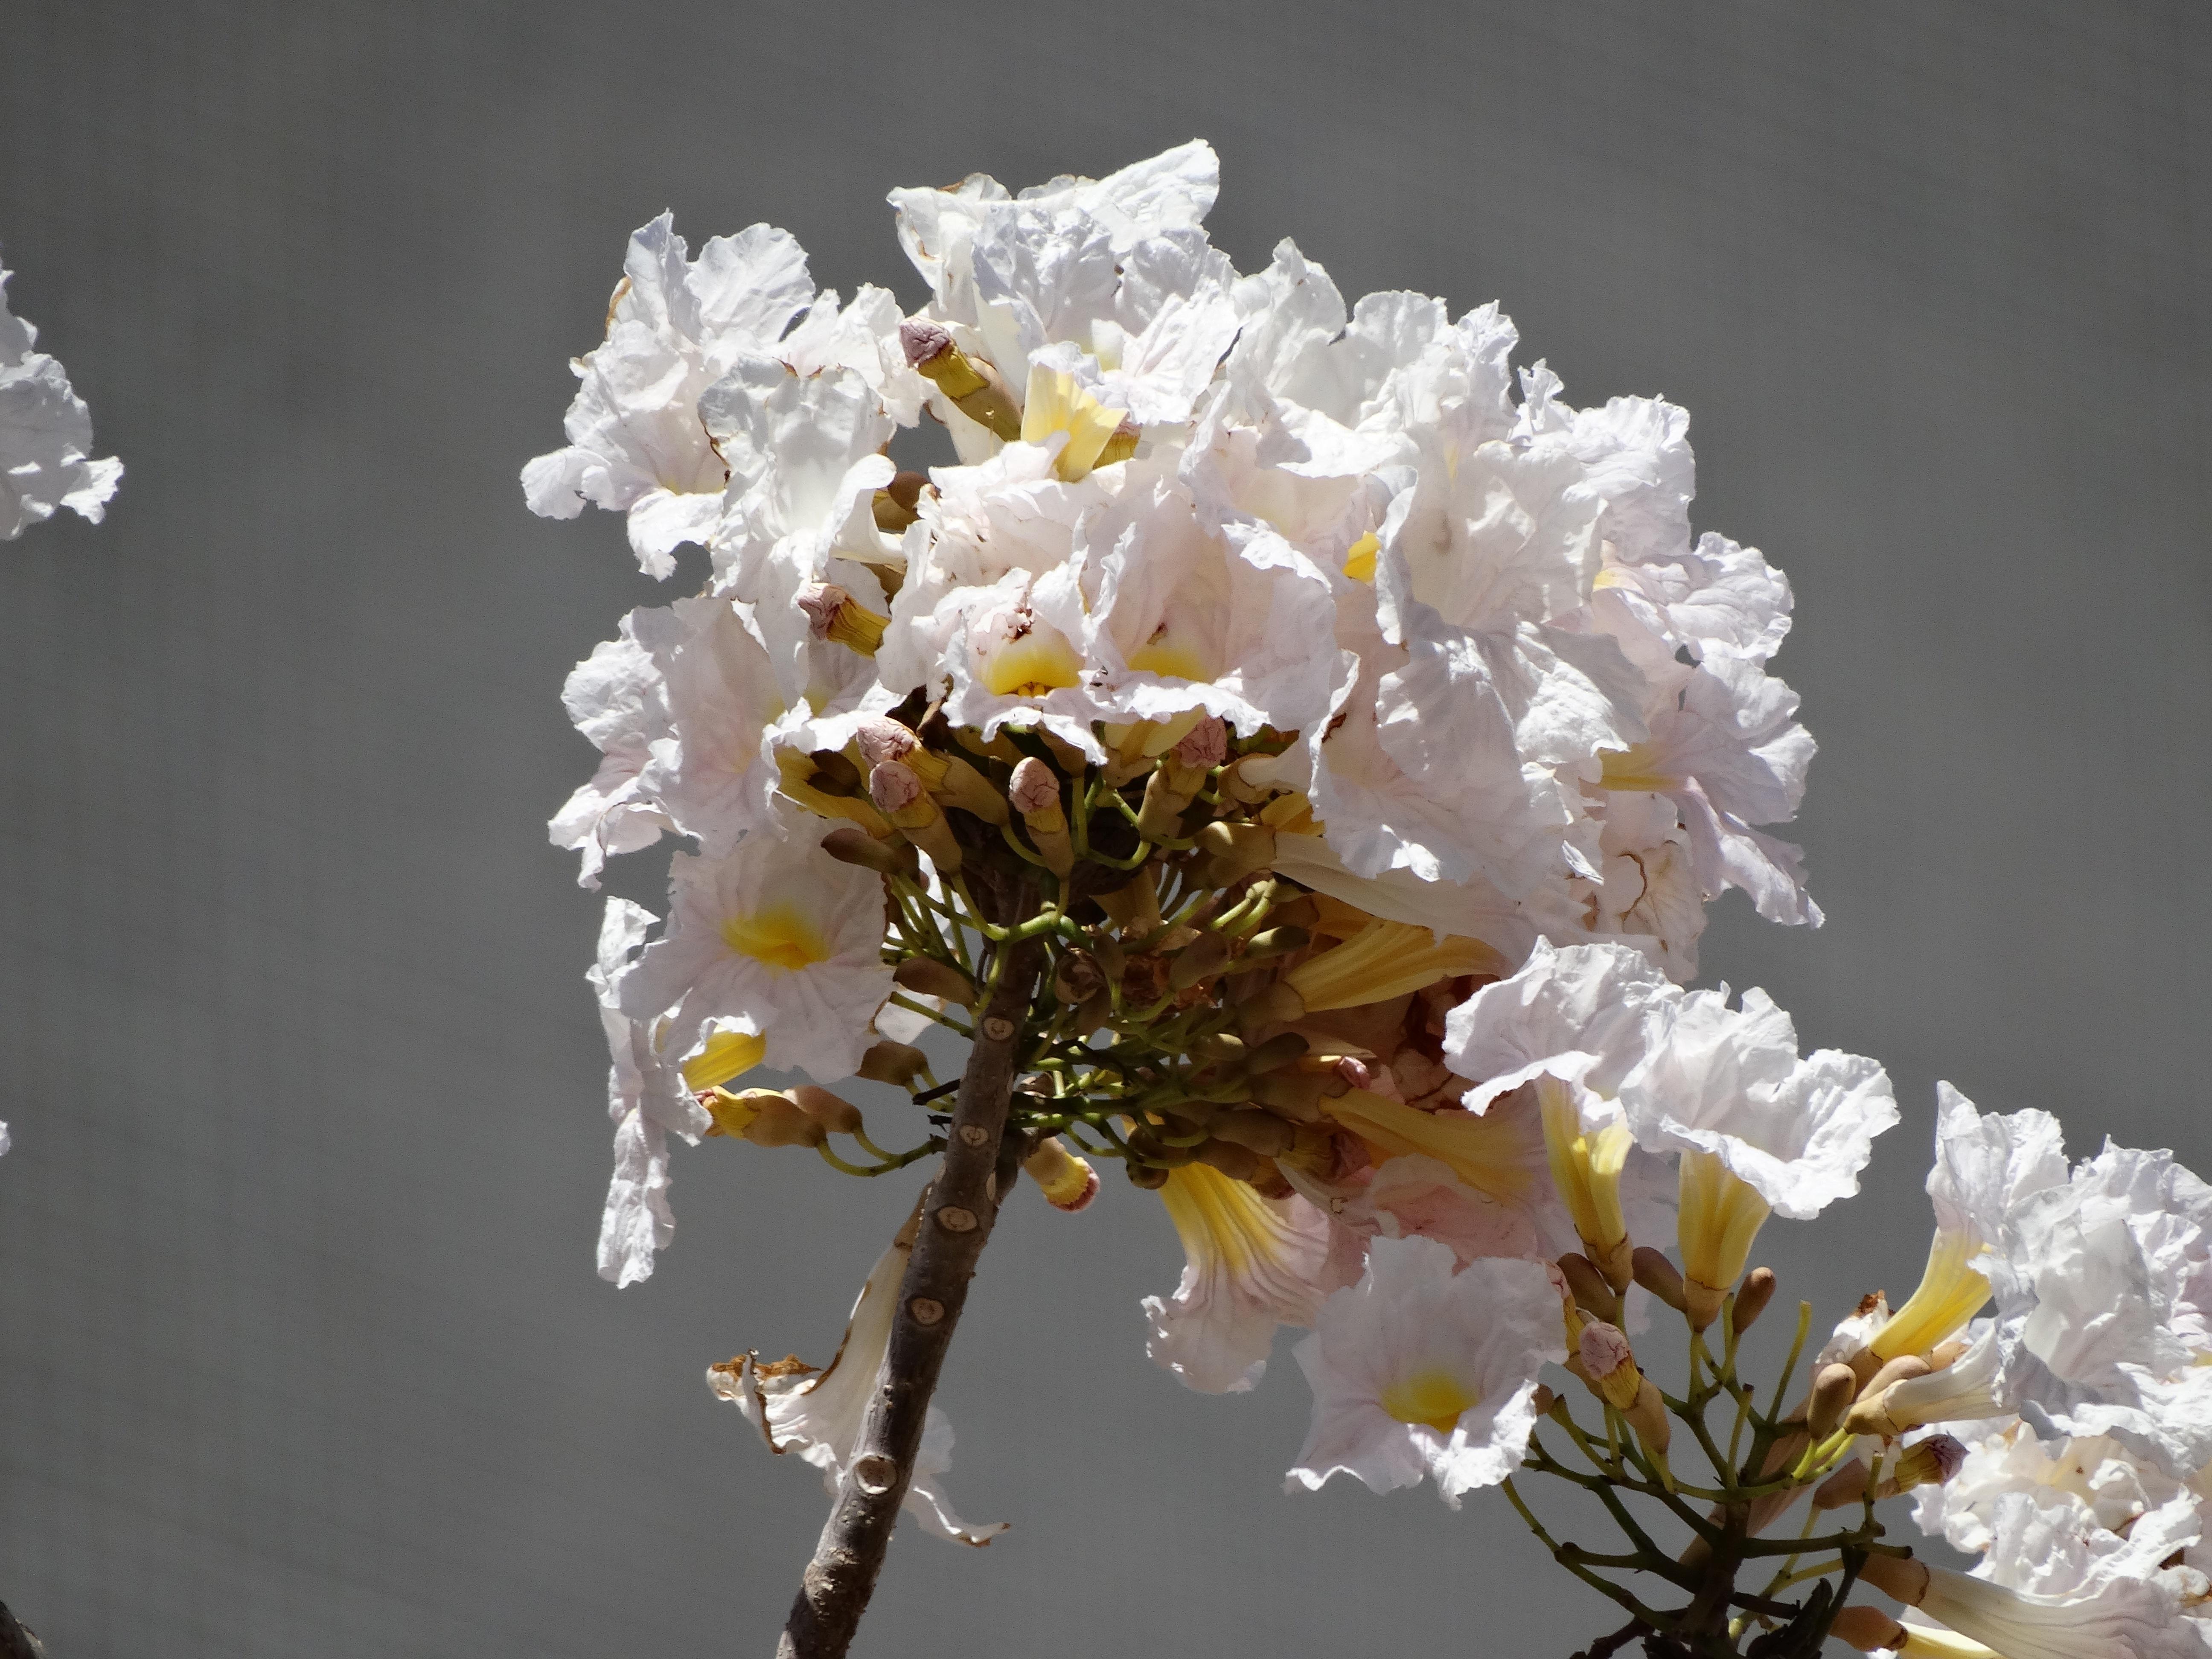 Images Gratuites Arbre La Nature Branche Blanc Feuille Petale